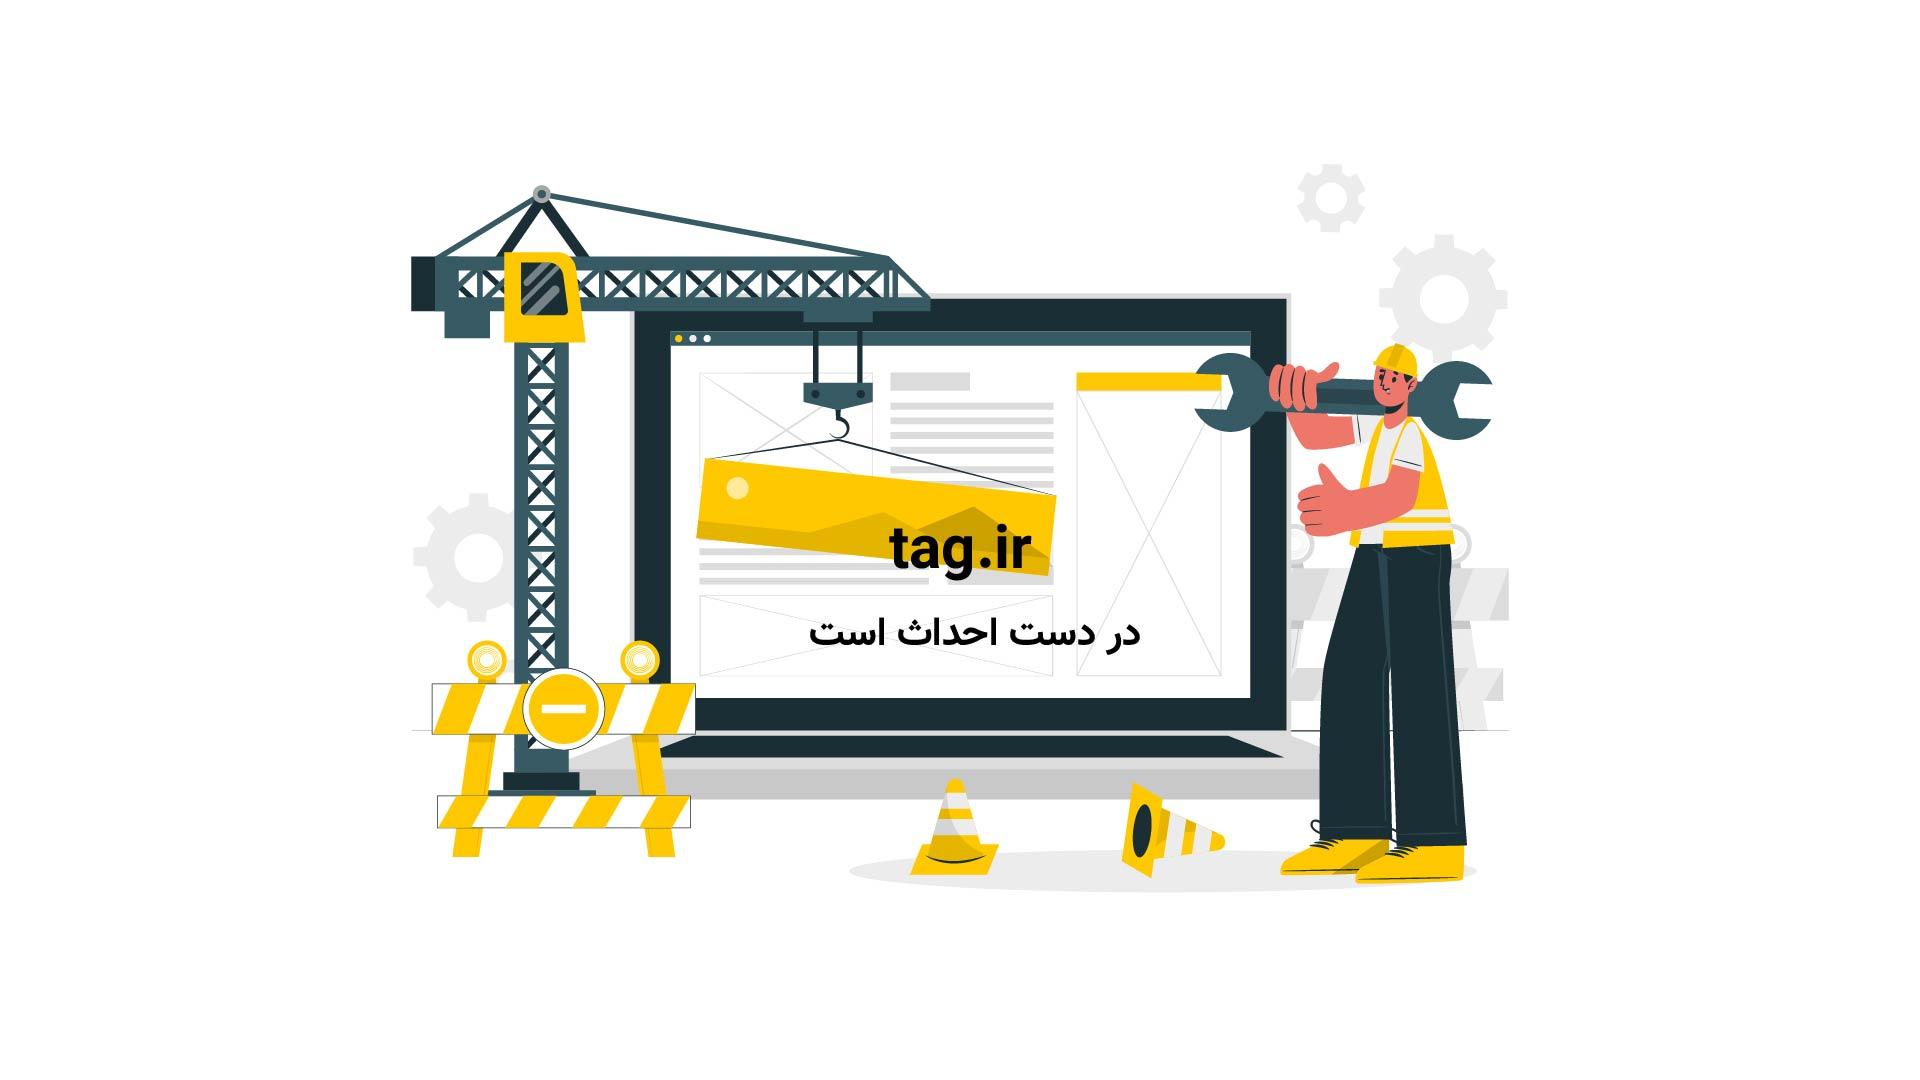 نماز عید فطر در حرم امام رضا | تگ